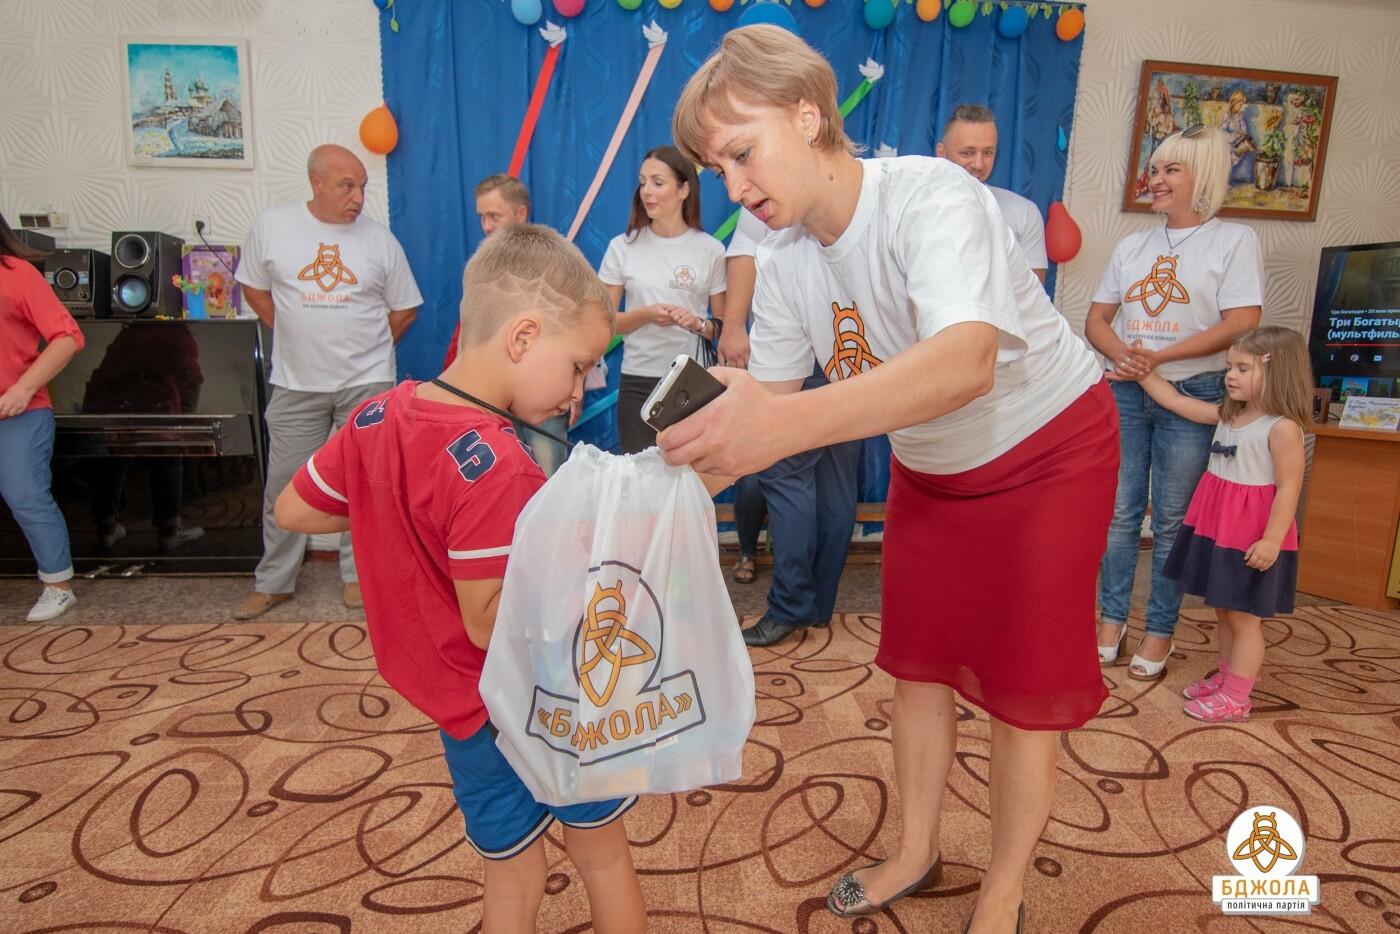 Активисты ПП «Бджола» навестили воспитанников Центра социально-психологической реабилитации детей, фото-3